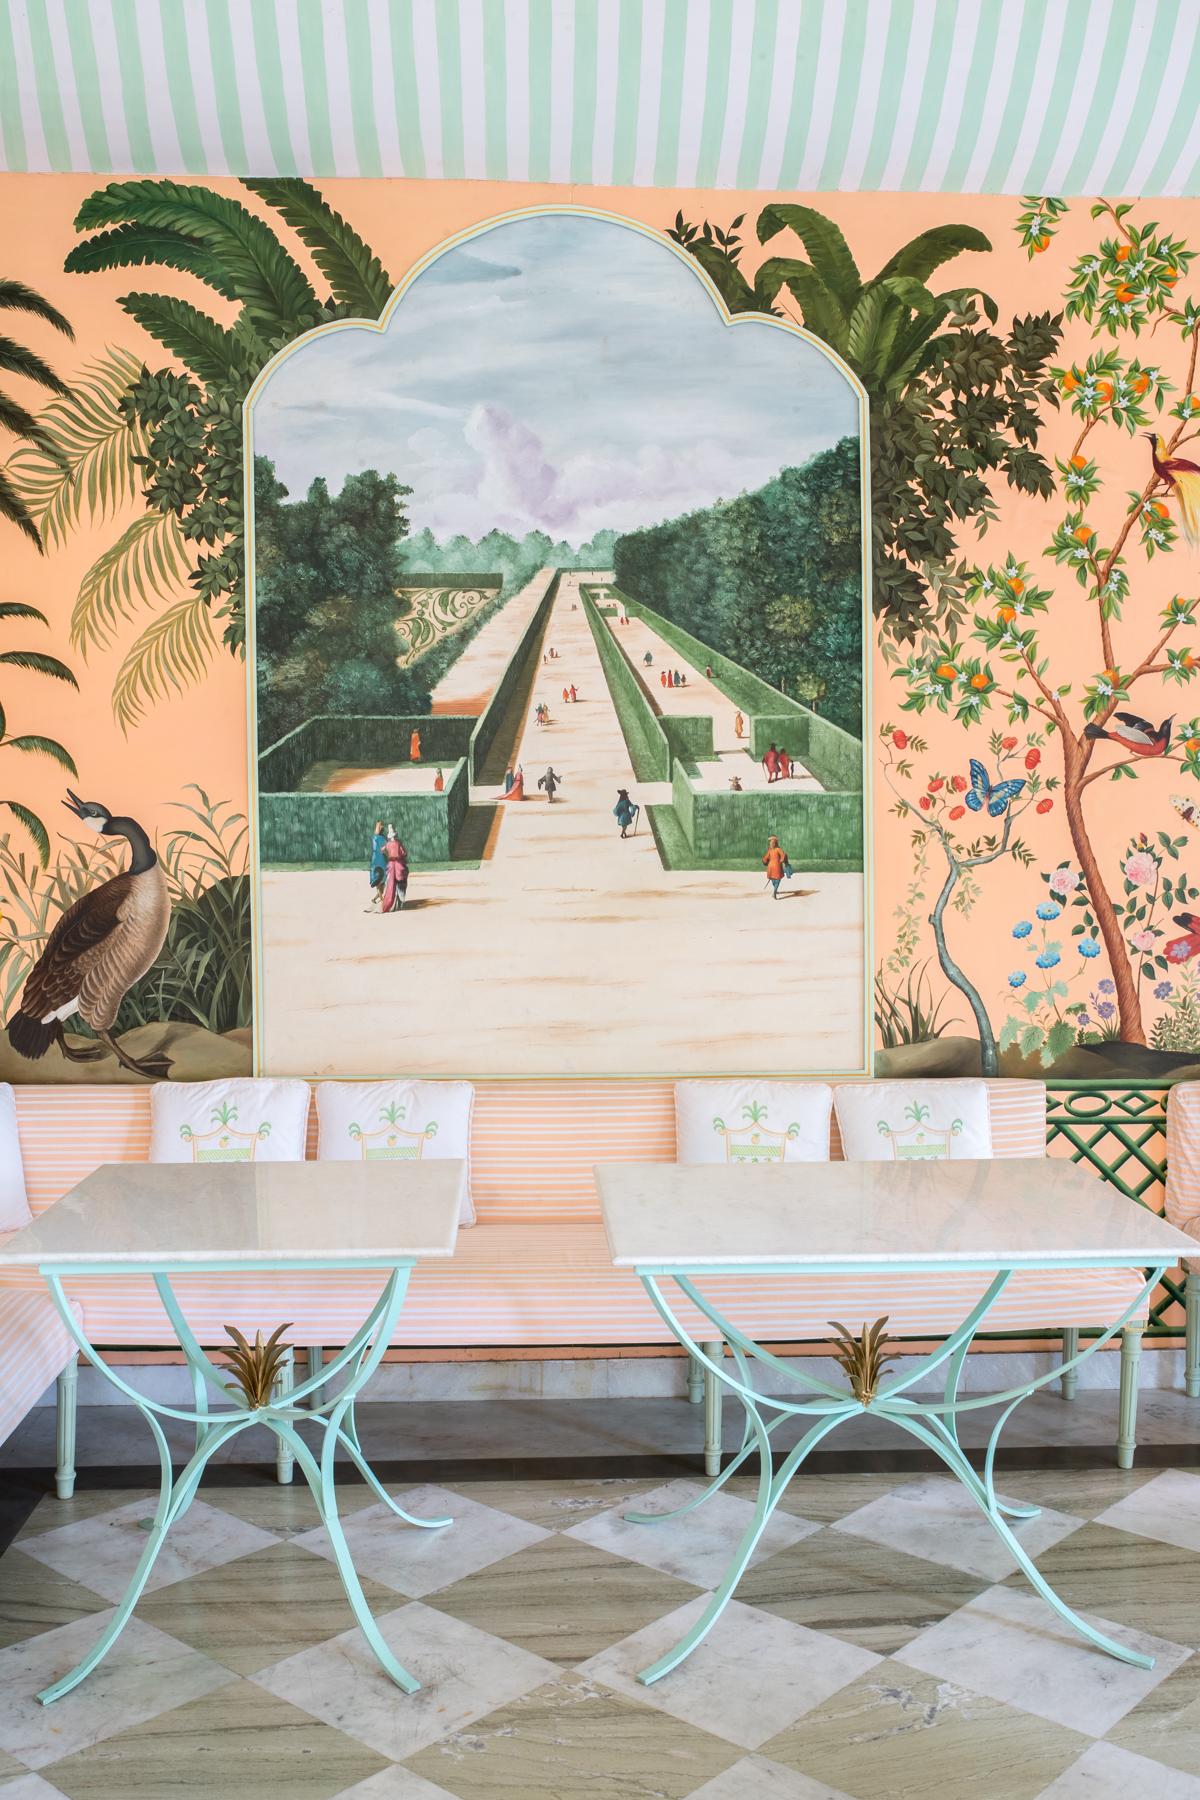 Stacie Flinner City Palace Jaipur 10 Best -63.jpg